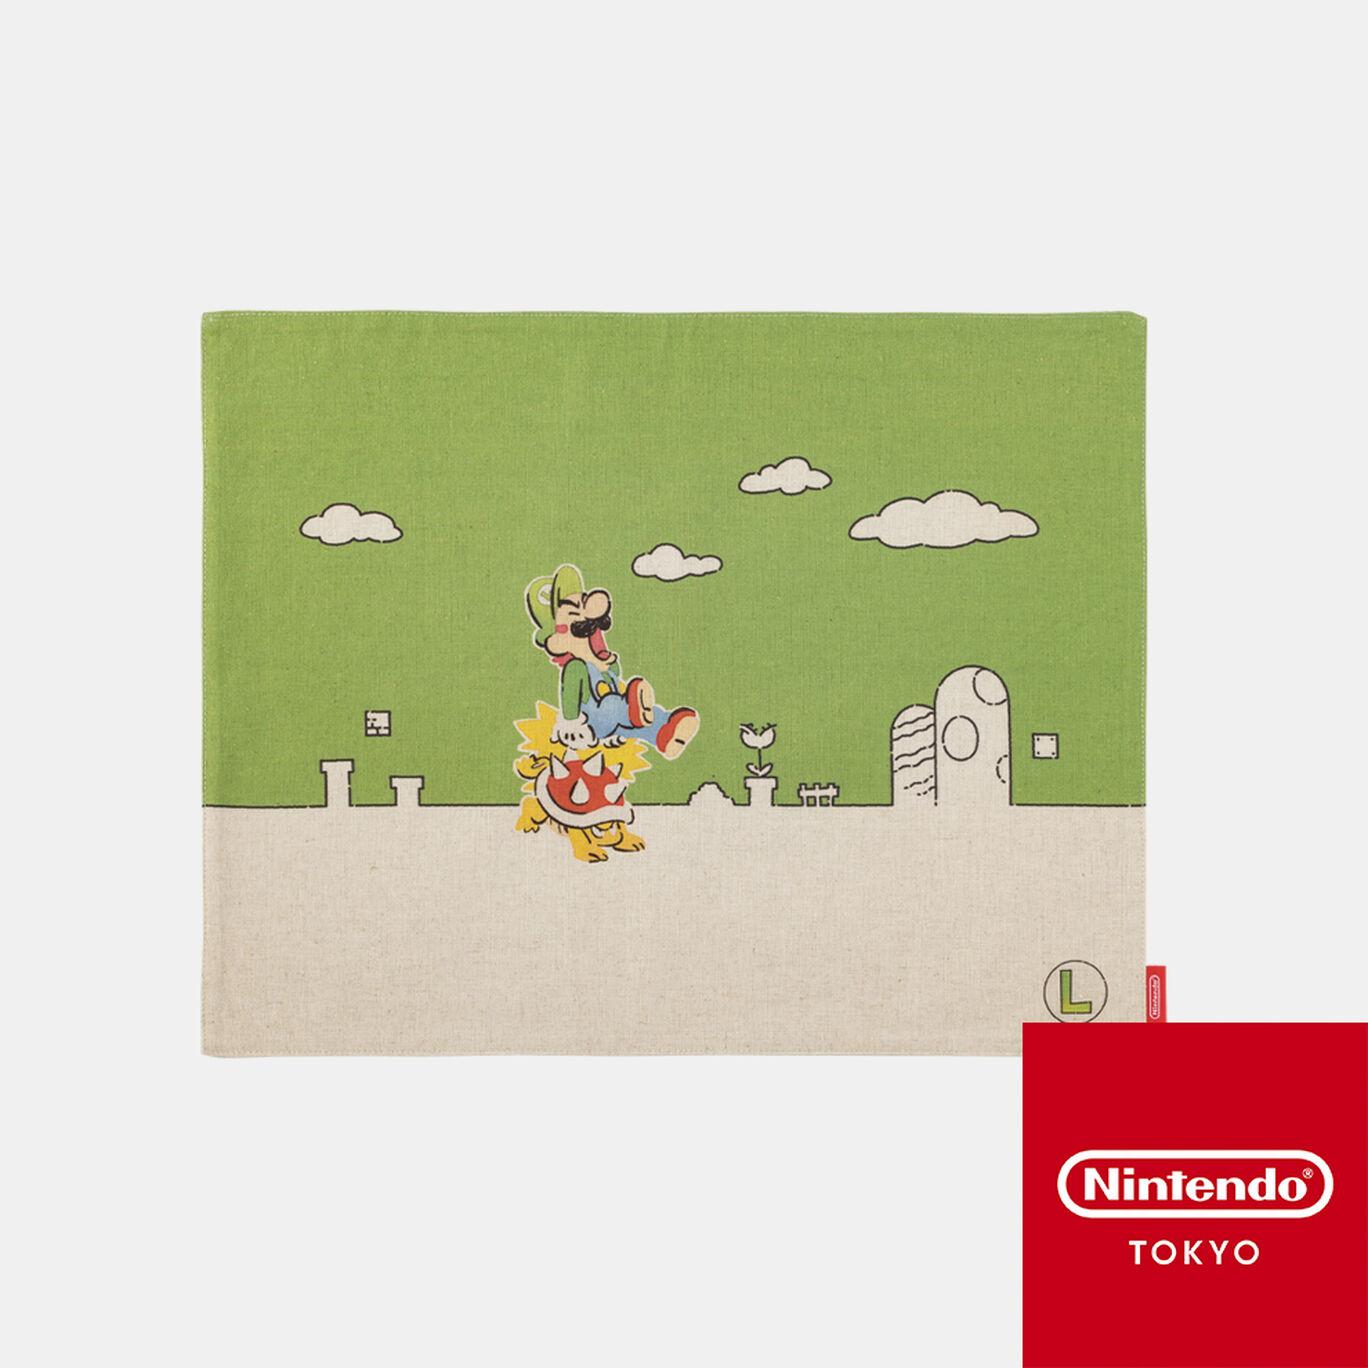 ランチョンマット スーパーマリオファミリーライフ ルイージ【Nintendo TOKYO取り扱い商品】